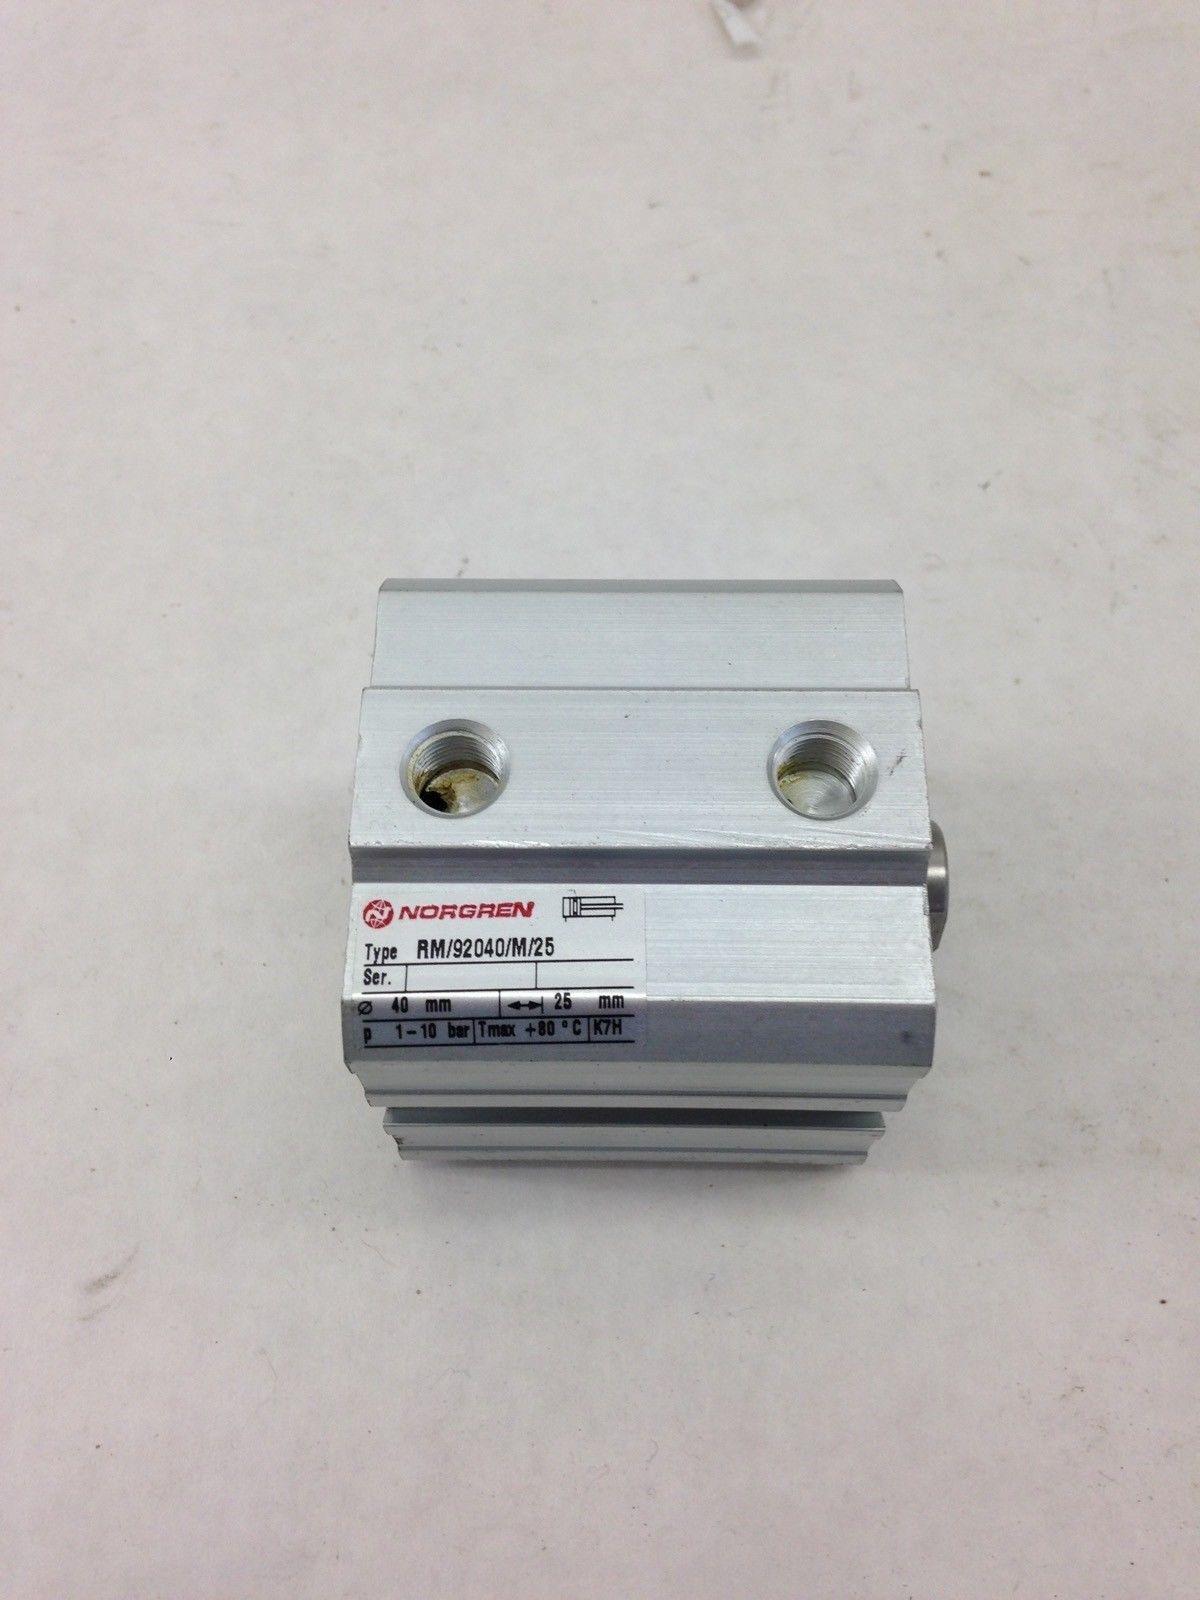 NORGREN RM/92040/M/25, 40X25MM COMPACT CYLINDER VALVES (A839) 1